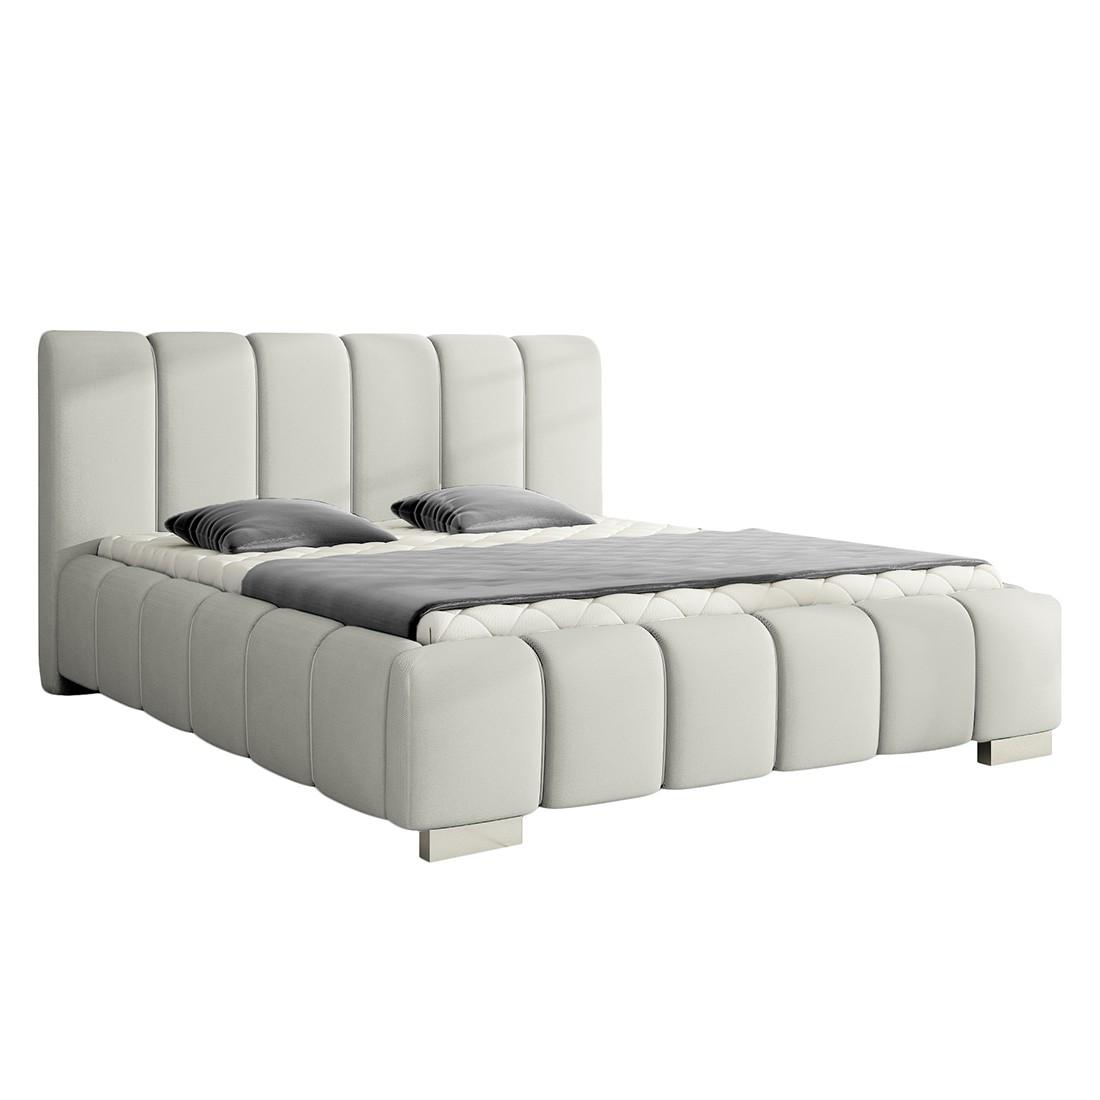 Lit capitonné Lounge - Tissu - 180 x 200cm - Gris, roomscape